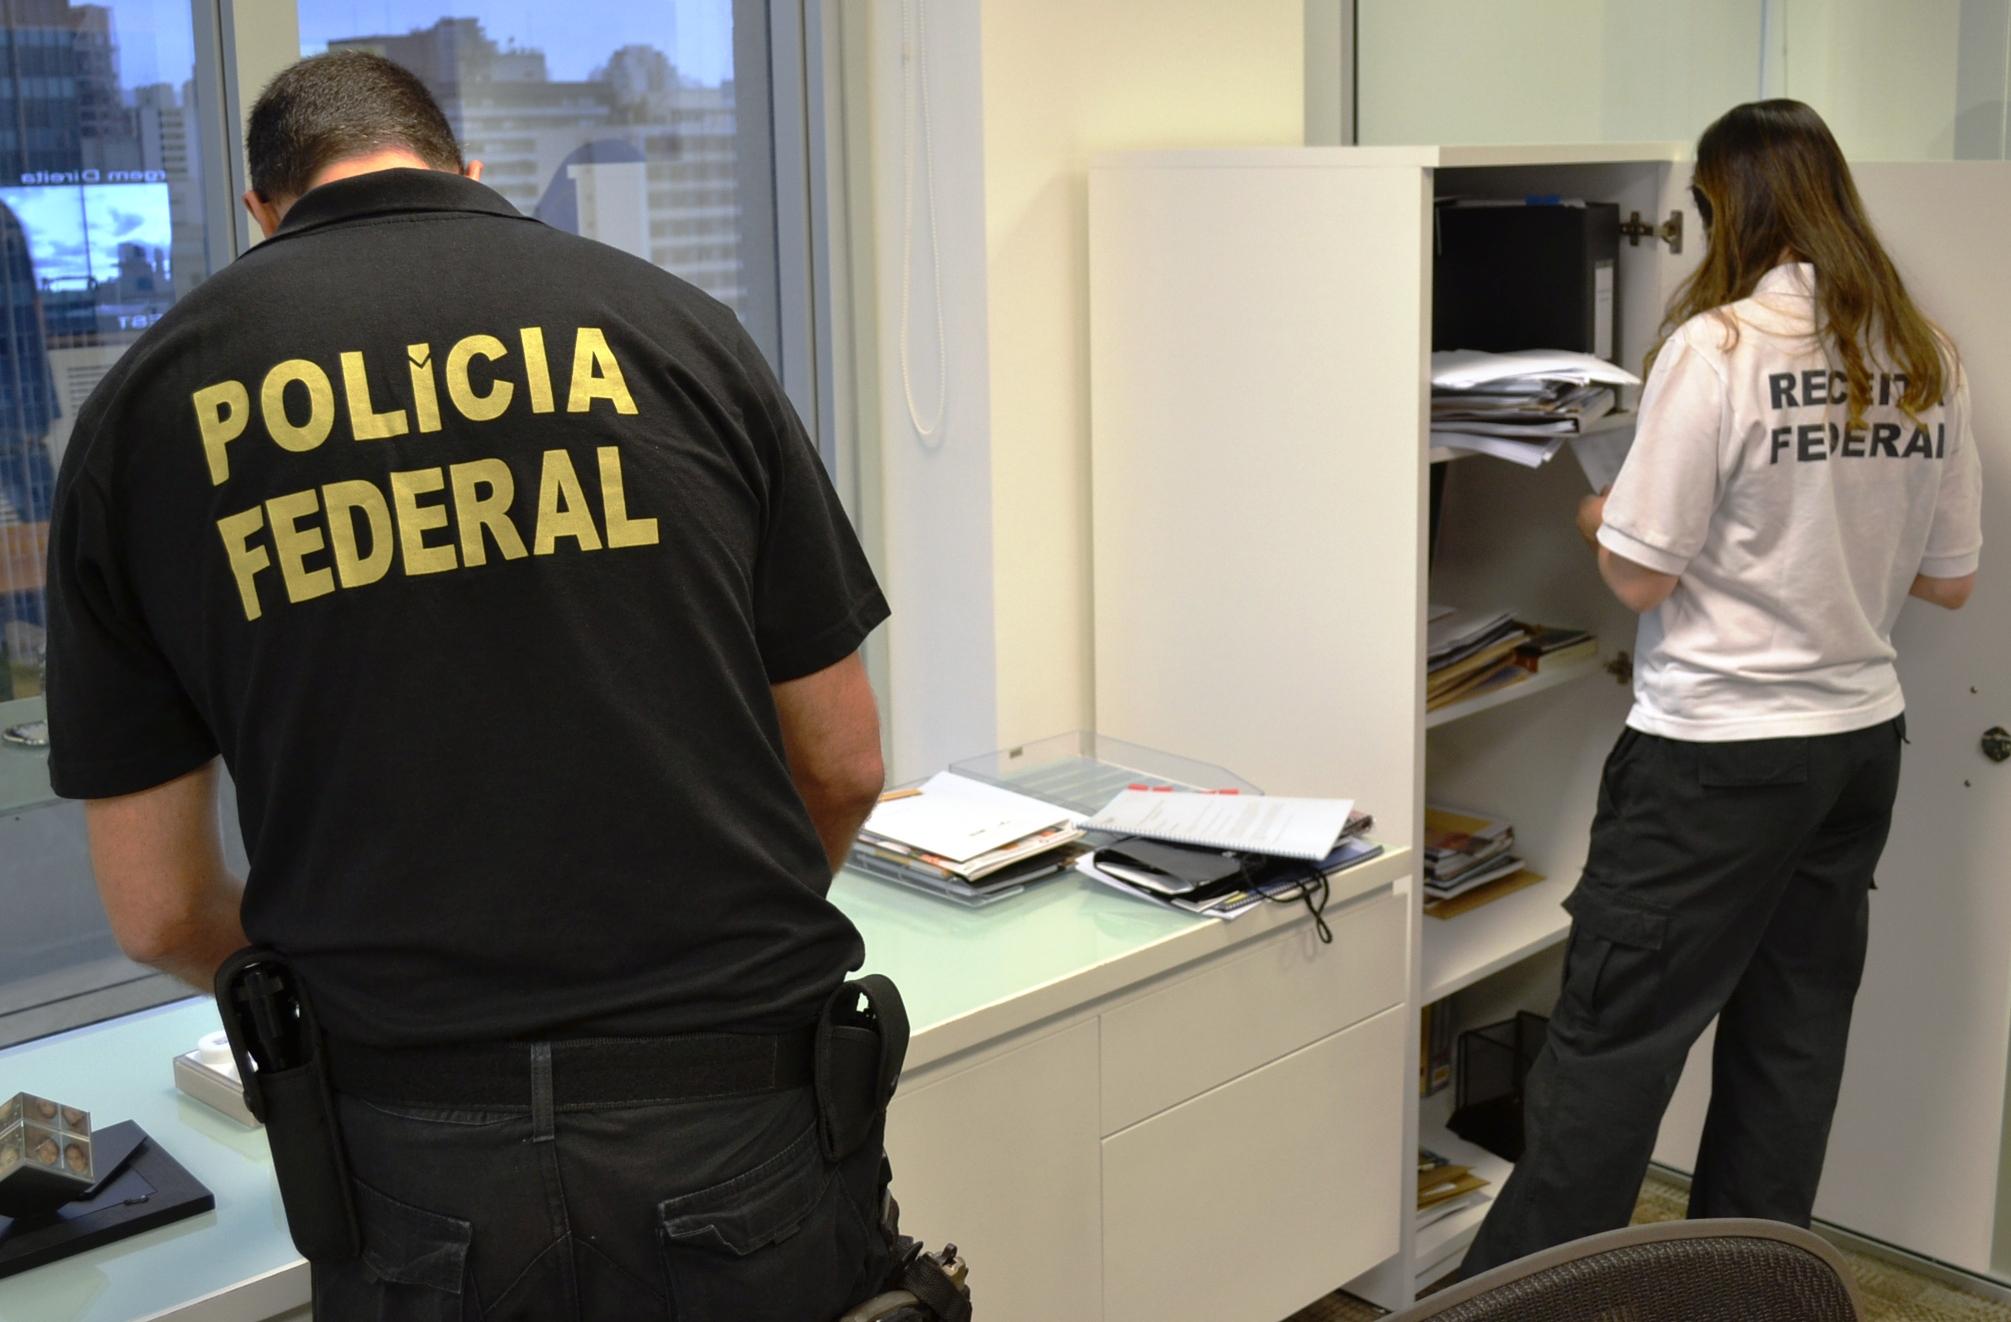 Operação Lava Jato – PF deflagra 24a. operação com buscas em endereços de Lula